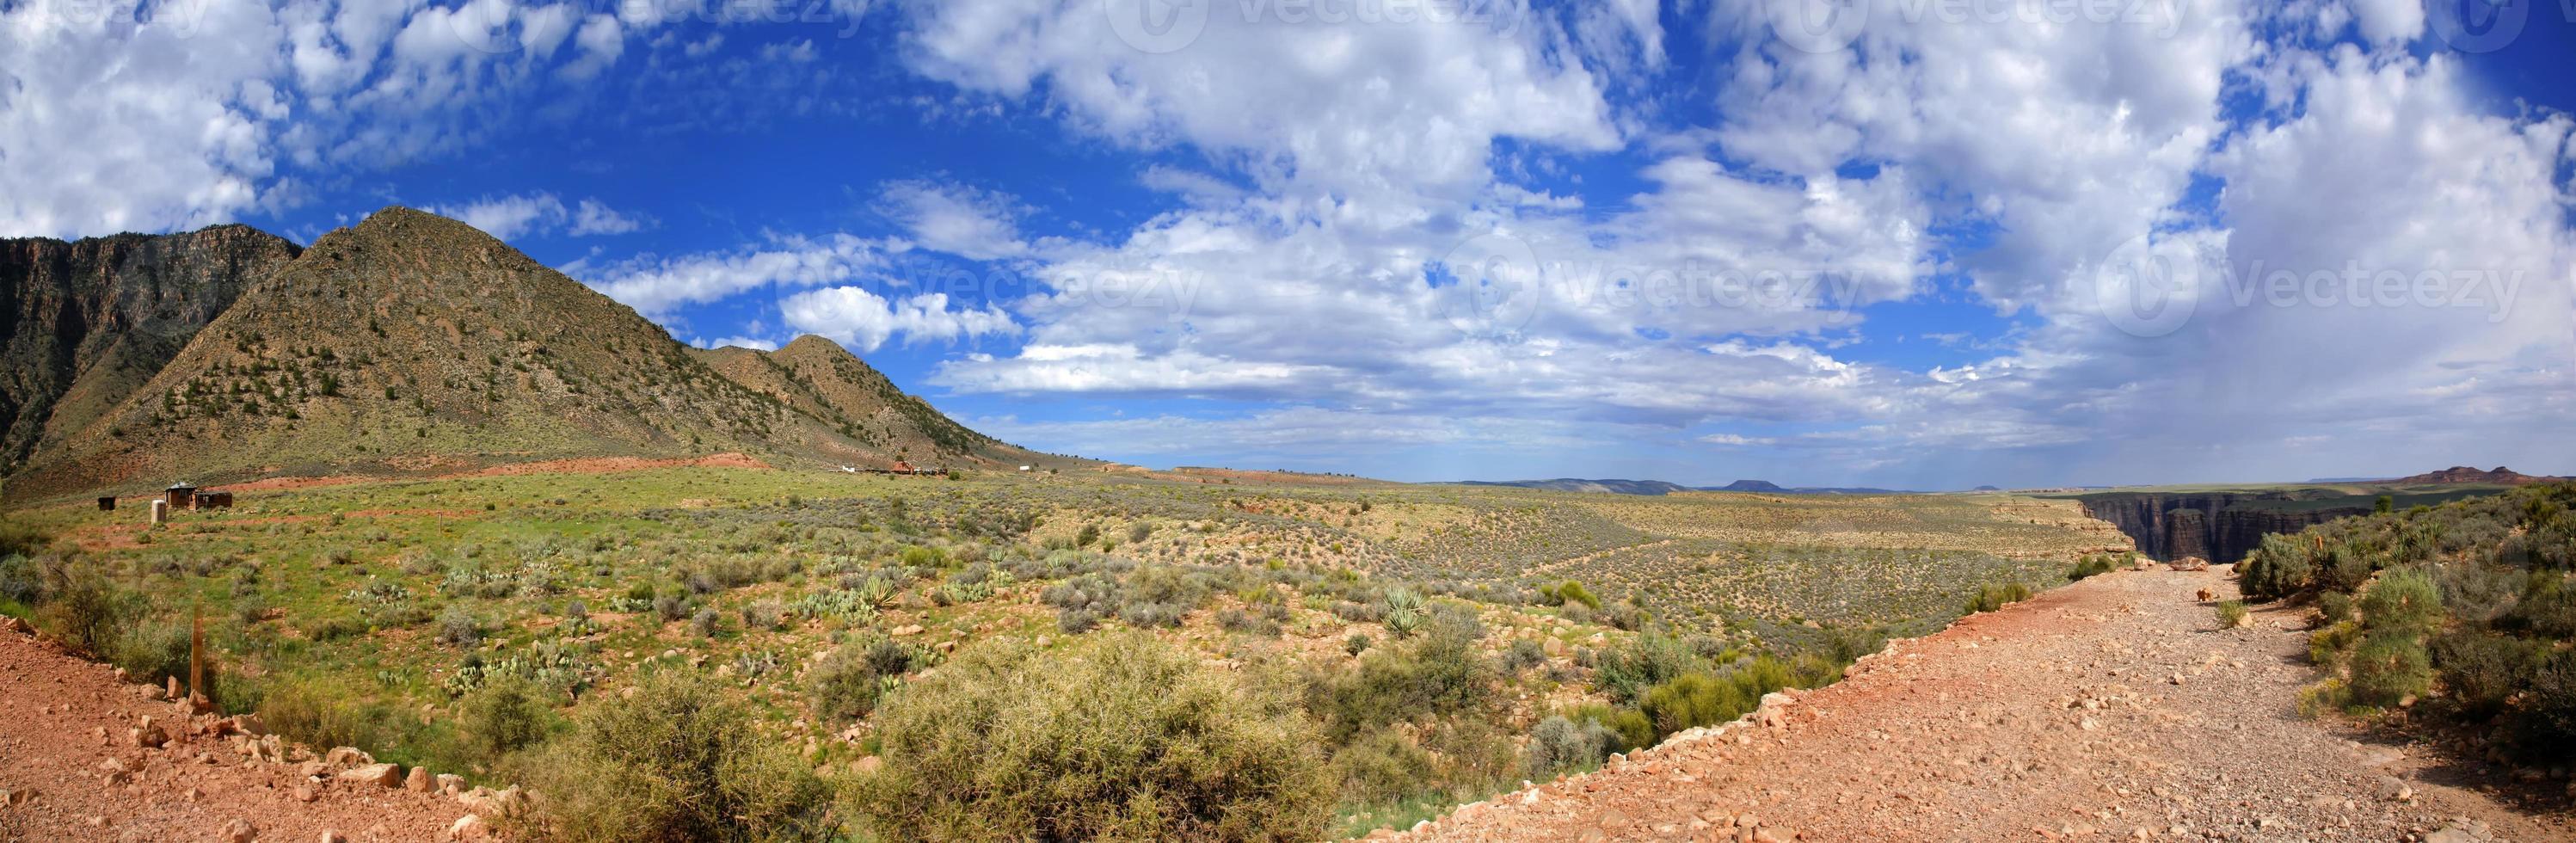 Arizona desert - USA photo